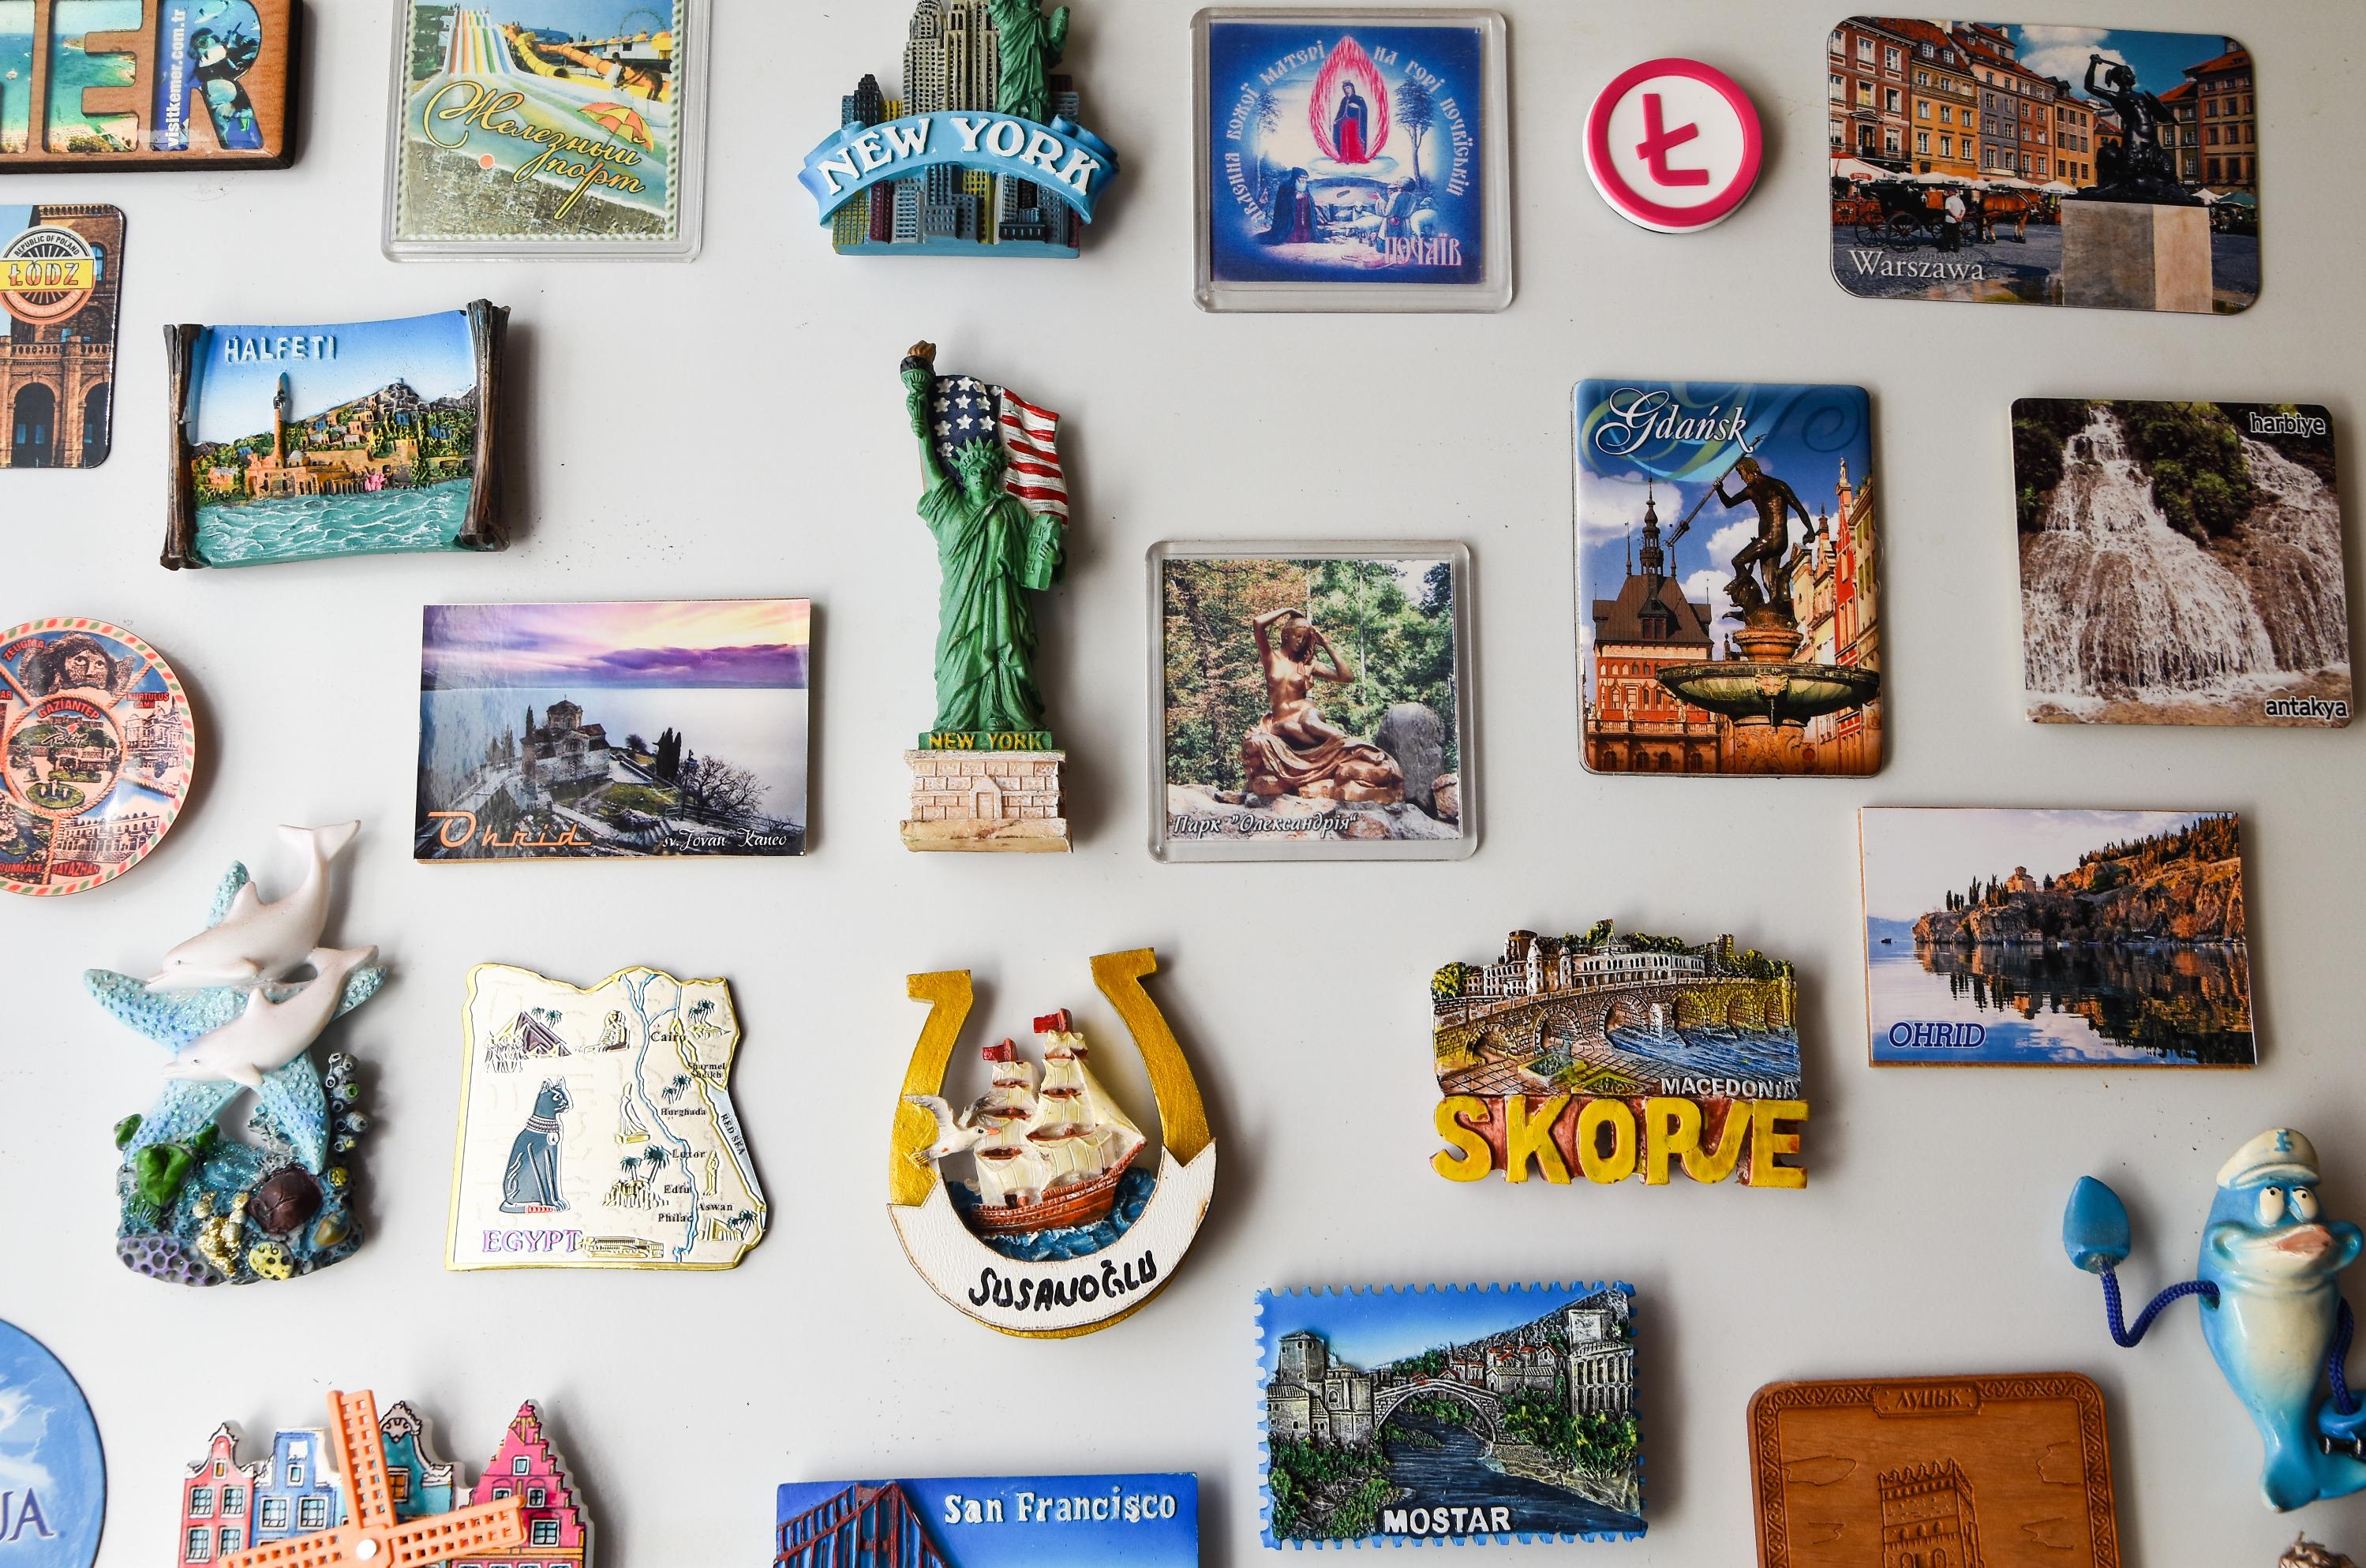 Если у вас есть однотипные сувениры — из них можно сделать мини-выставки и менять экспозицию раз в месяц